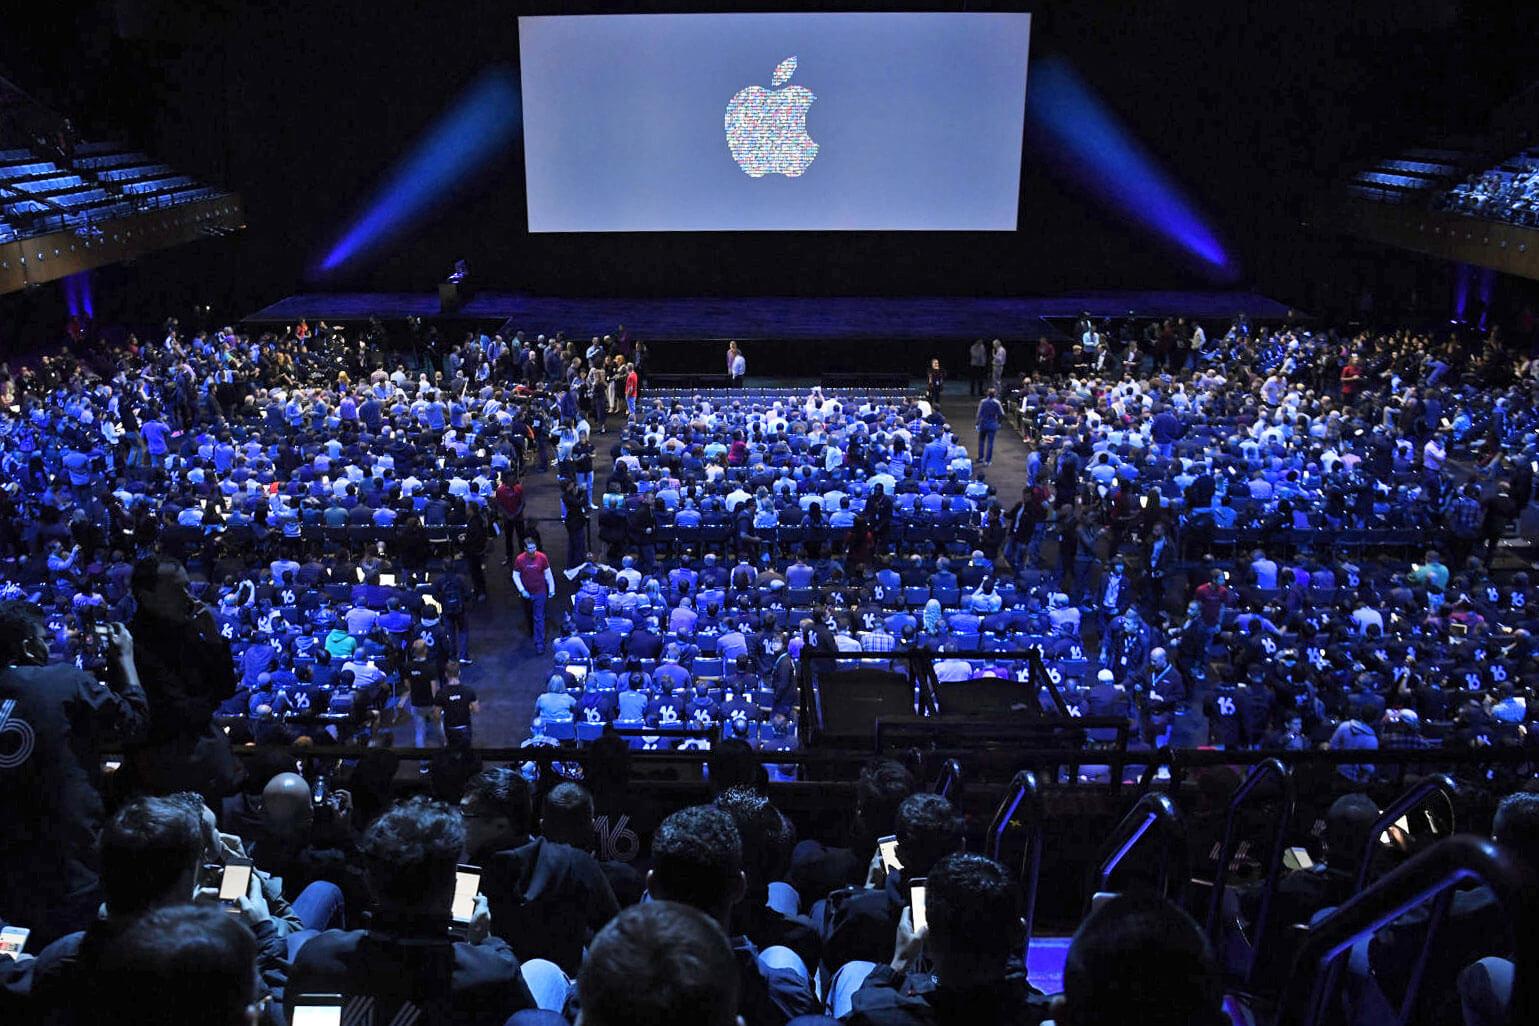 Компания Apple провела свою презентацию официально представив свои новинки